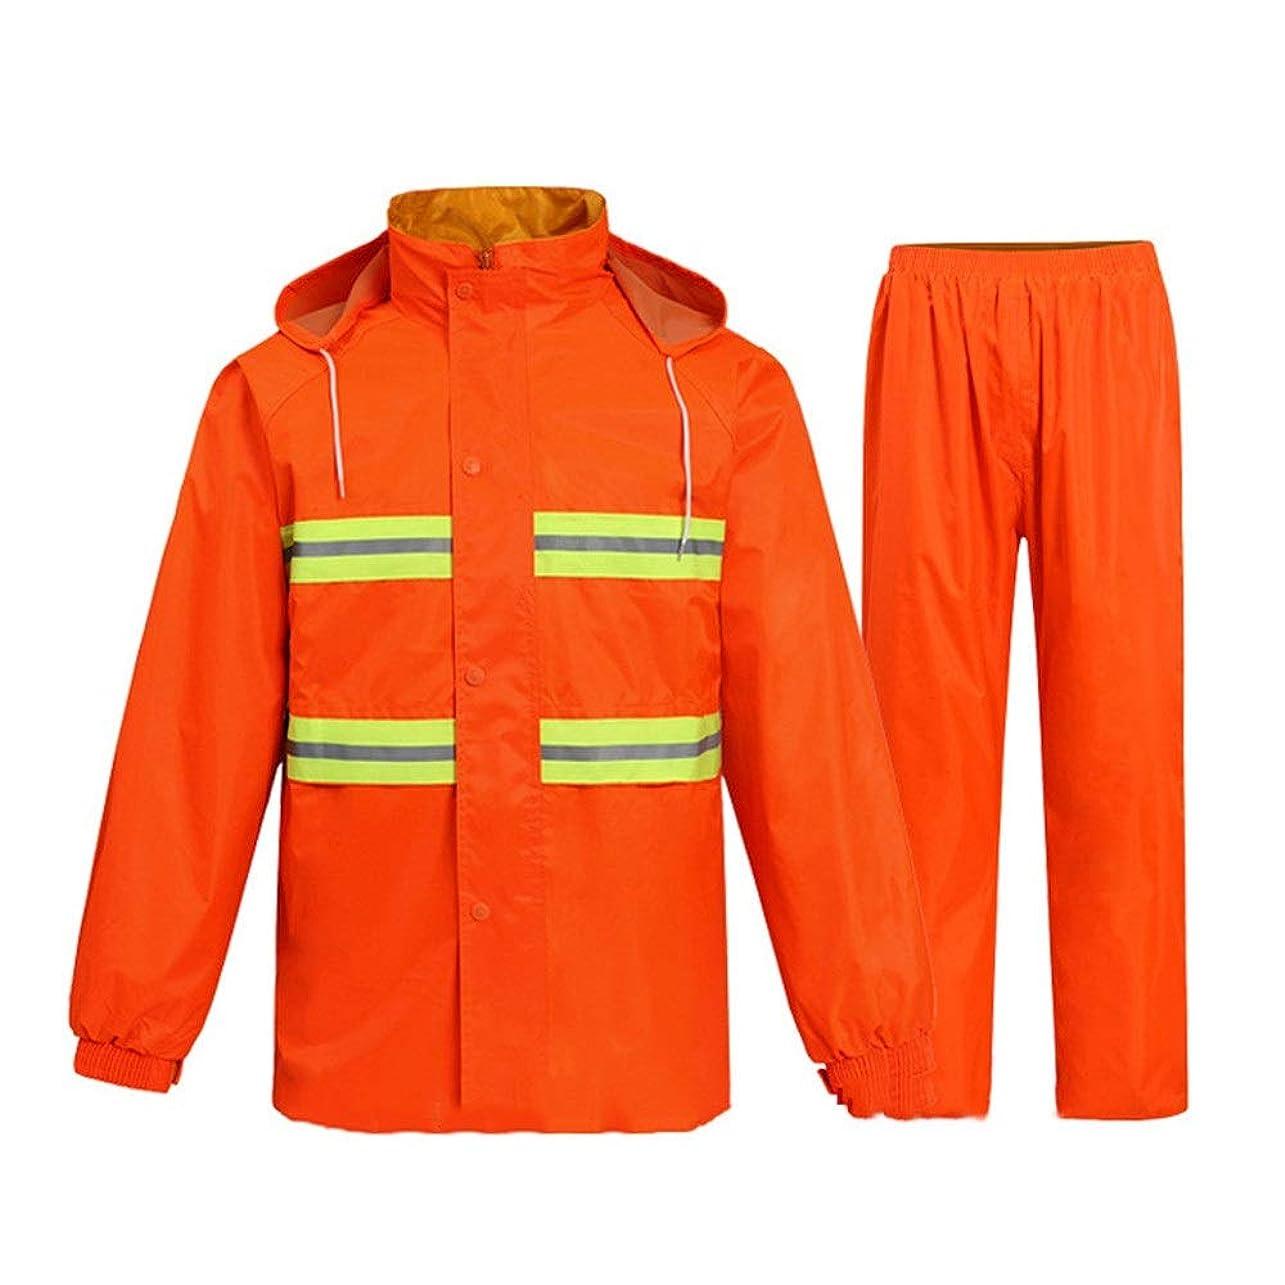 放射するいま呼びかける雨のジャケットレインウェア 乗馬で徒歩のための適切な反射防水レインコートスーツレインコート蛍光レインコートレインパンツ 防水防風高い可視性 (Color : Orange, Size : M)